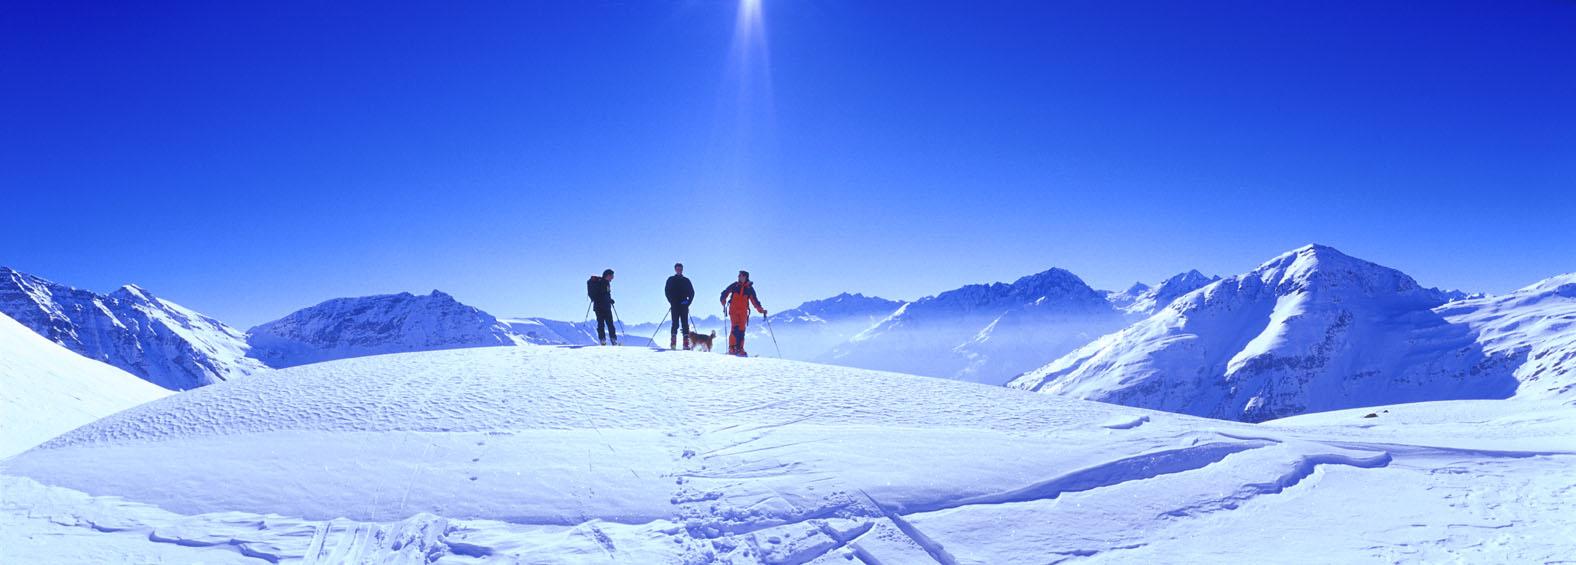 Foto: Andreas Kleinwächter / Ski Tour / Eckkopf (2871) / Anstieb zum Eckkopf. (C) www.tauernalpin.at - Klaus Dapra / 20.10.2008 11:54:51